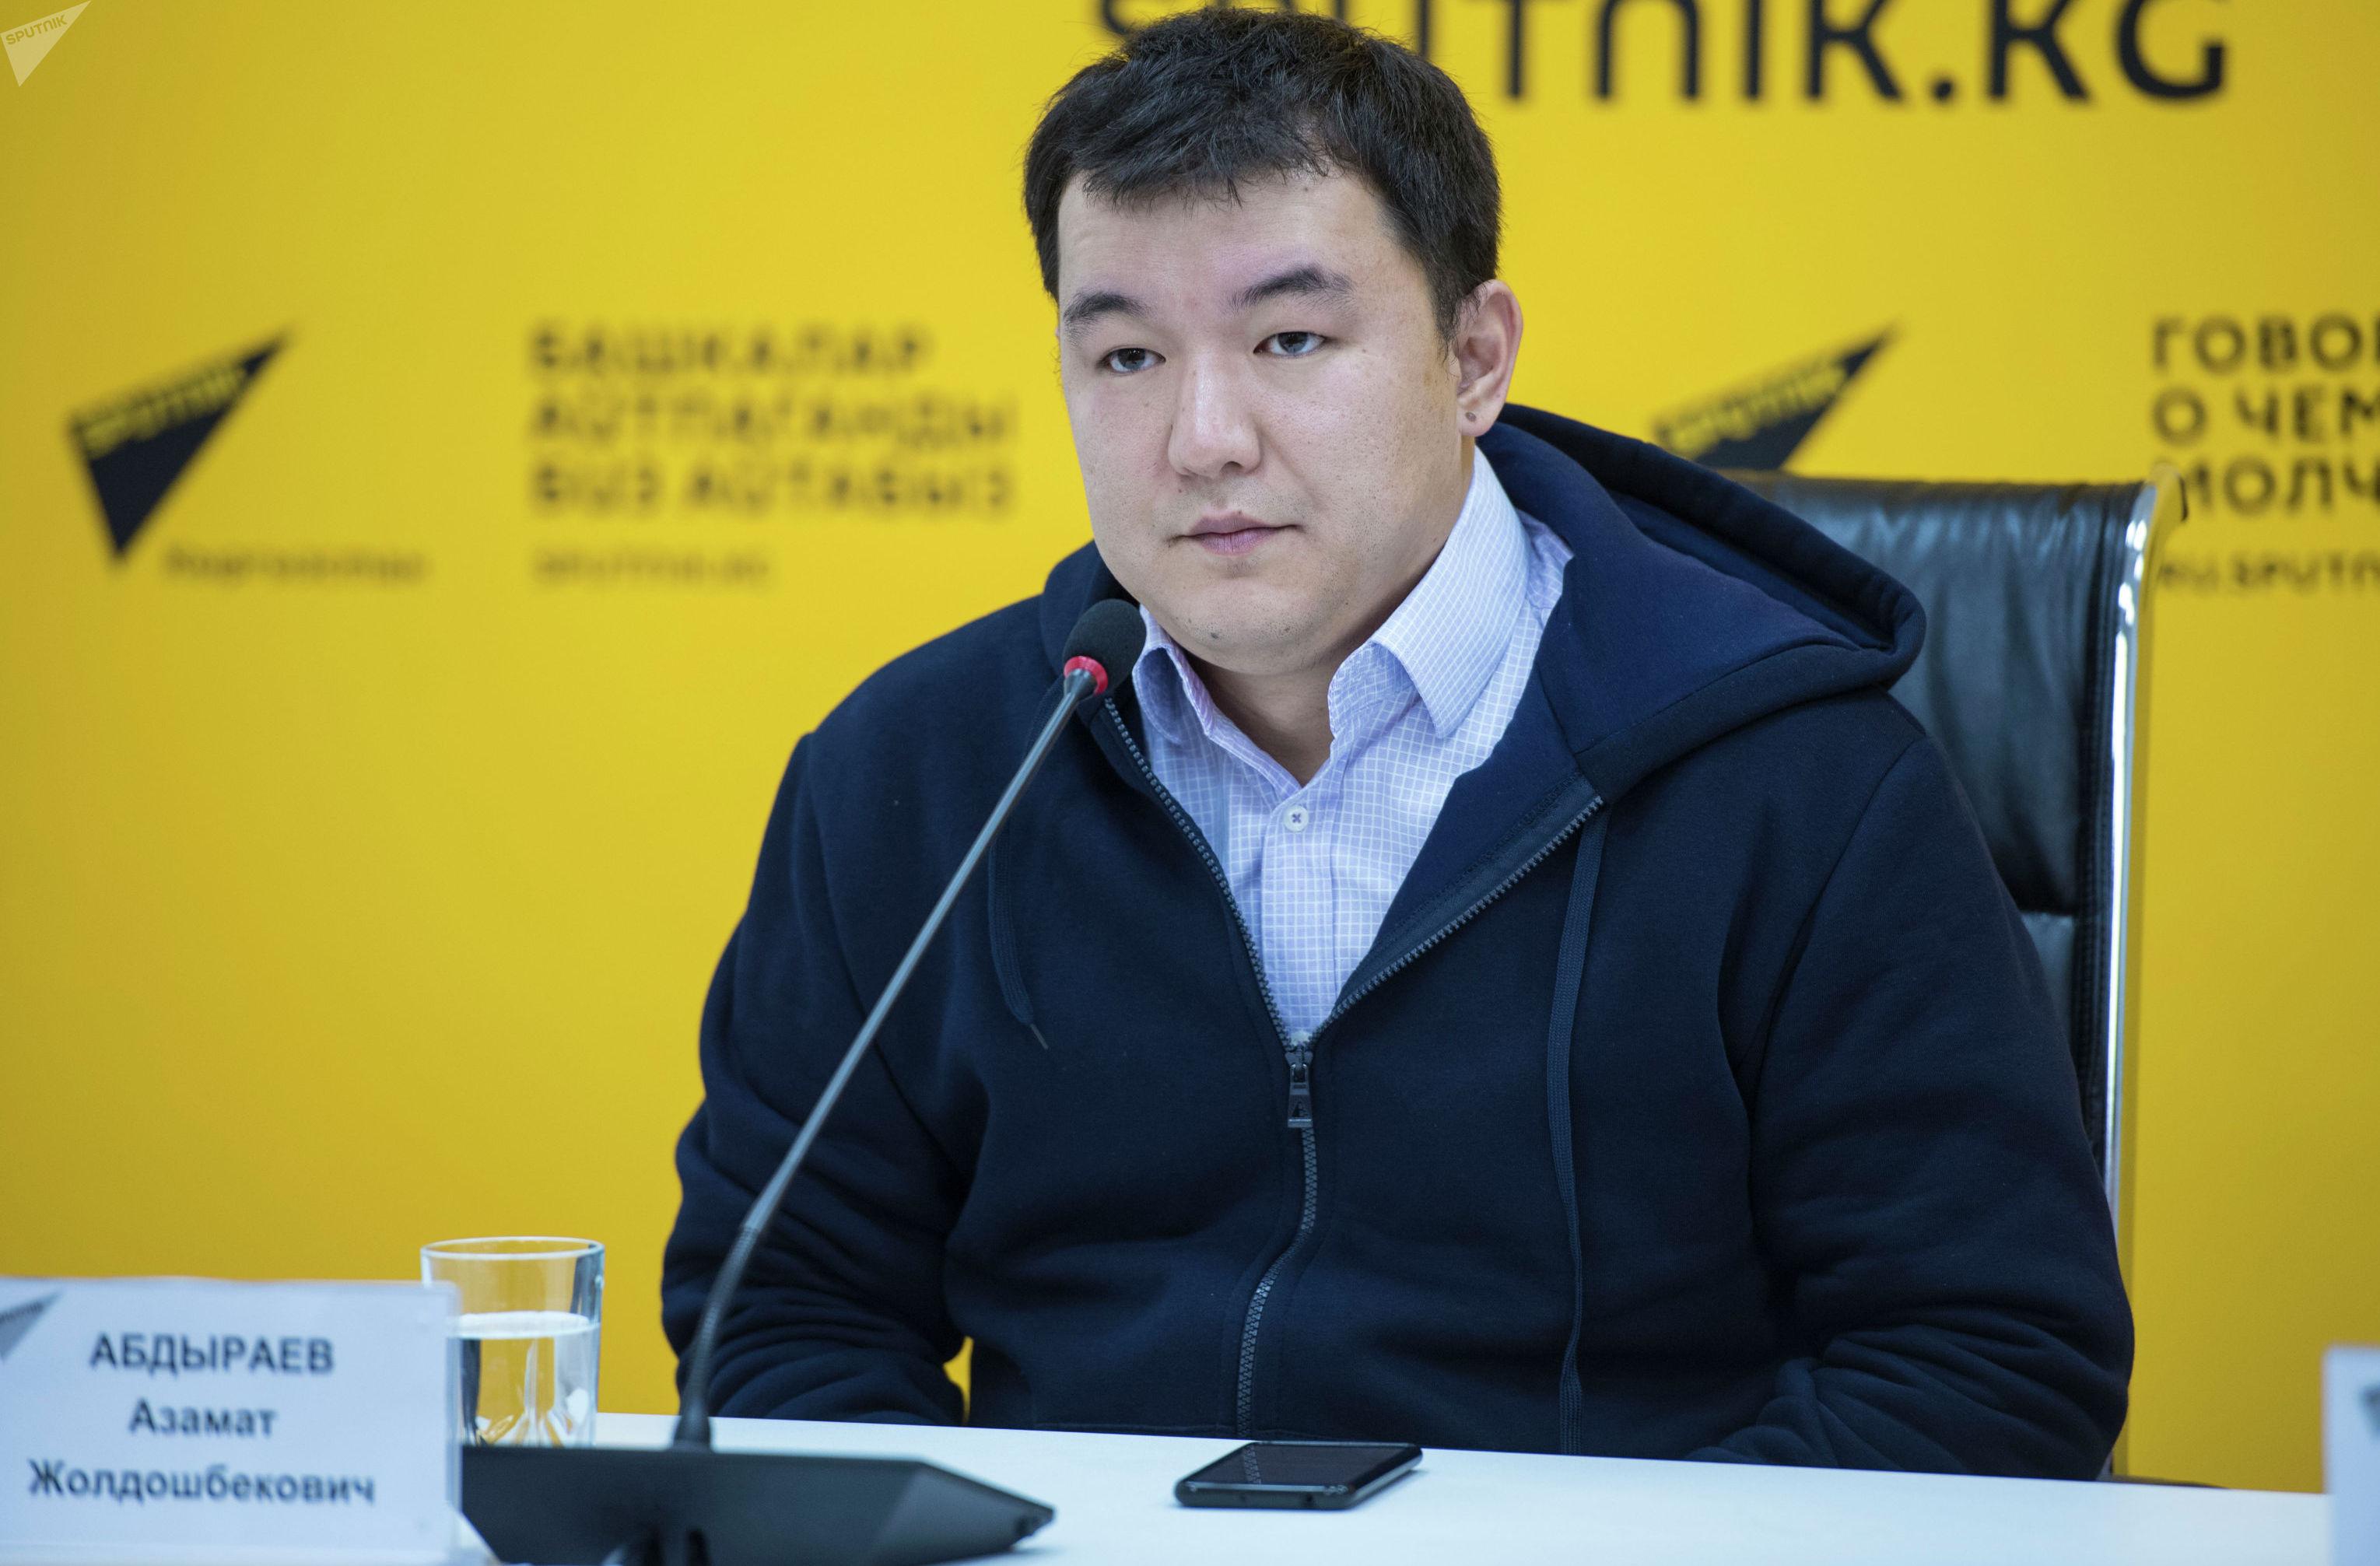 Главный разработчик системы Электронная запись в школы Азамат Абдыраев на пресс-конференции в мультимедийном пресс-центре Sputnik Кыргызста